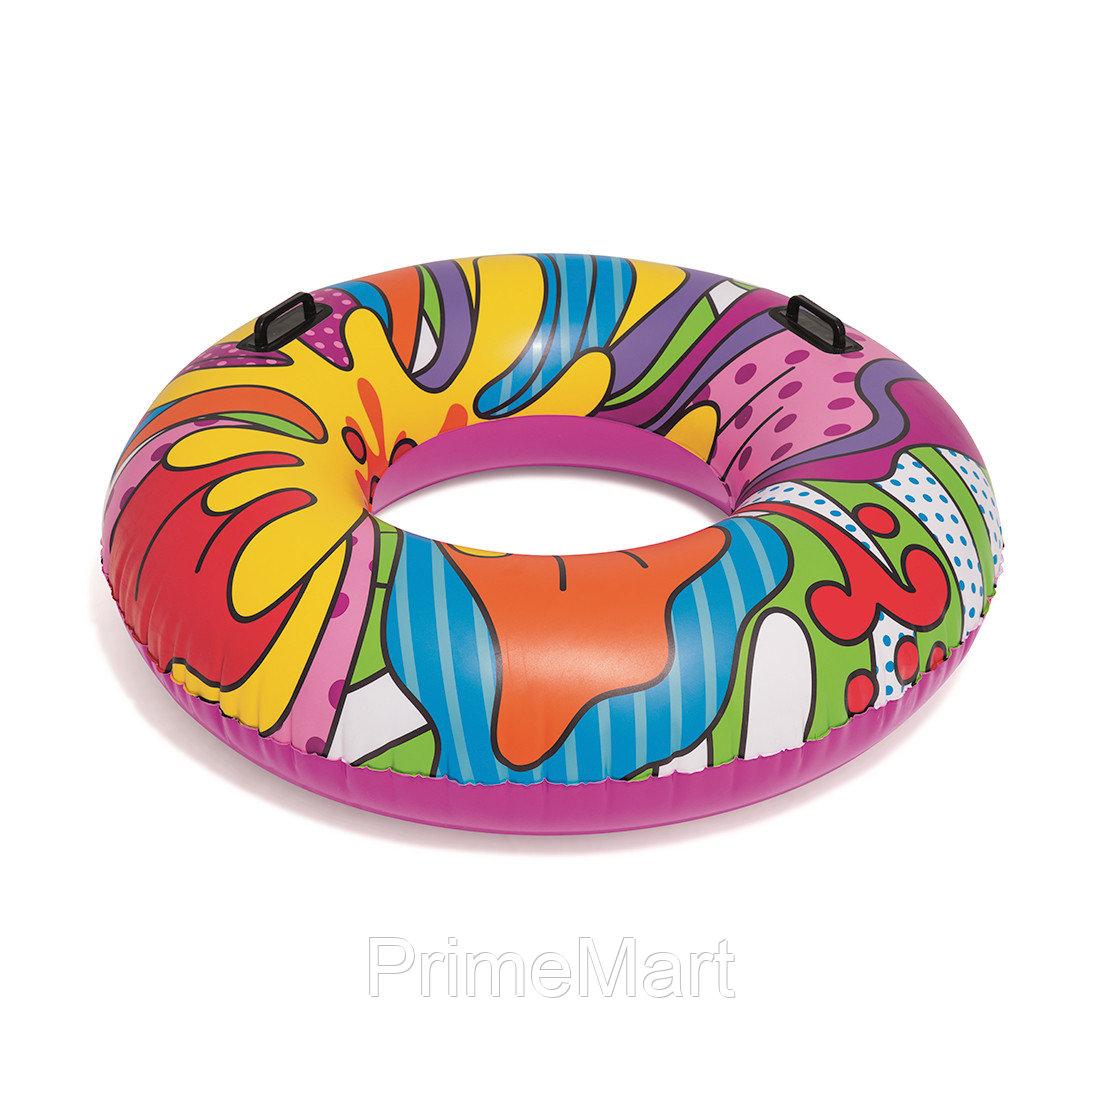 Круг для плавания POP 119 см, BESTWAY, 36125, Винил, 12+, С ручками, Многоцветный, Цветная коробка